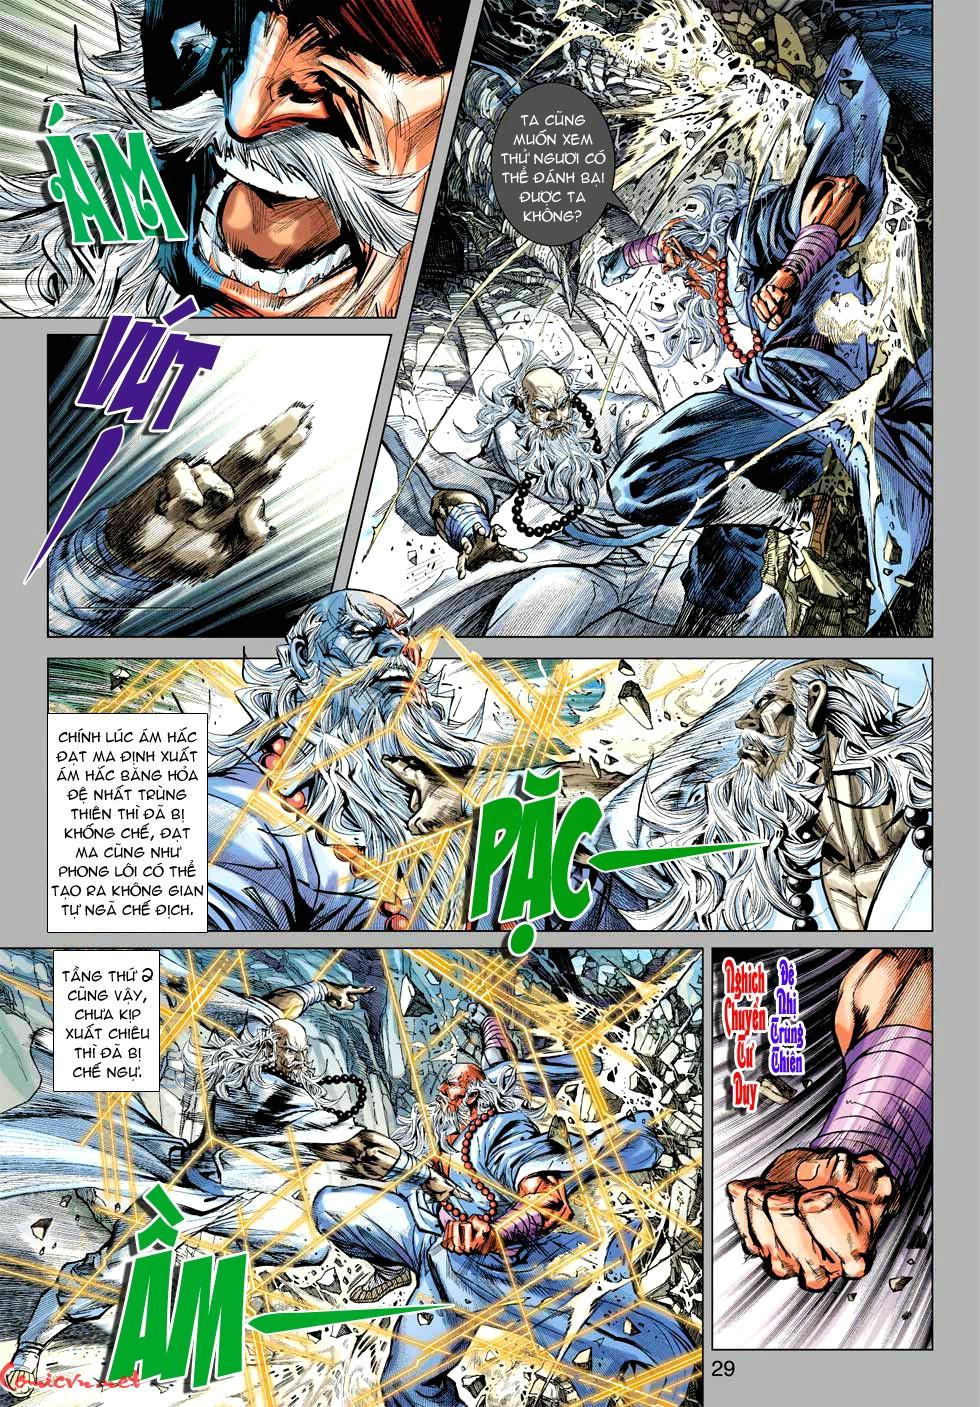 Vương Phong Lôi 1 chap 49 - Trang 30